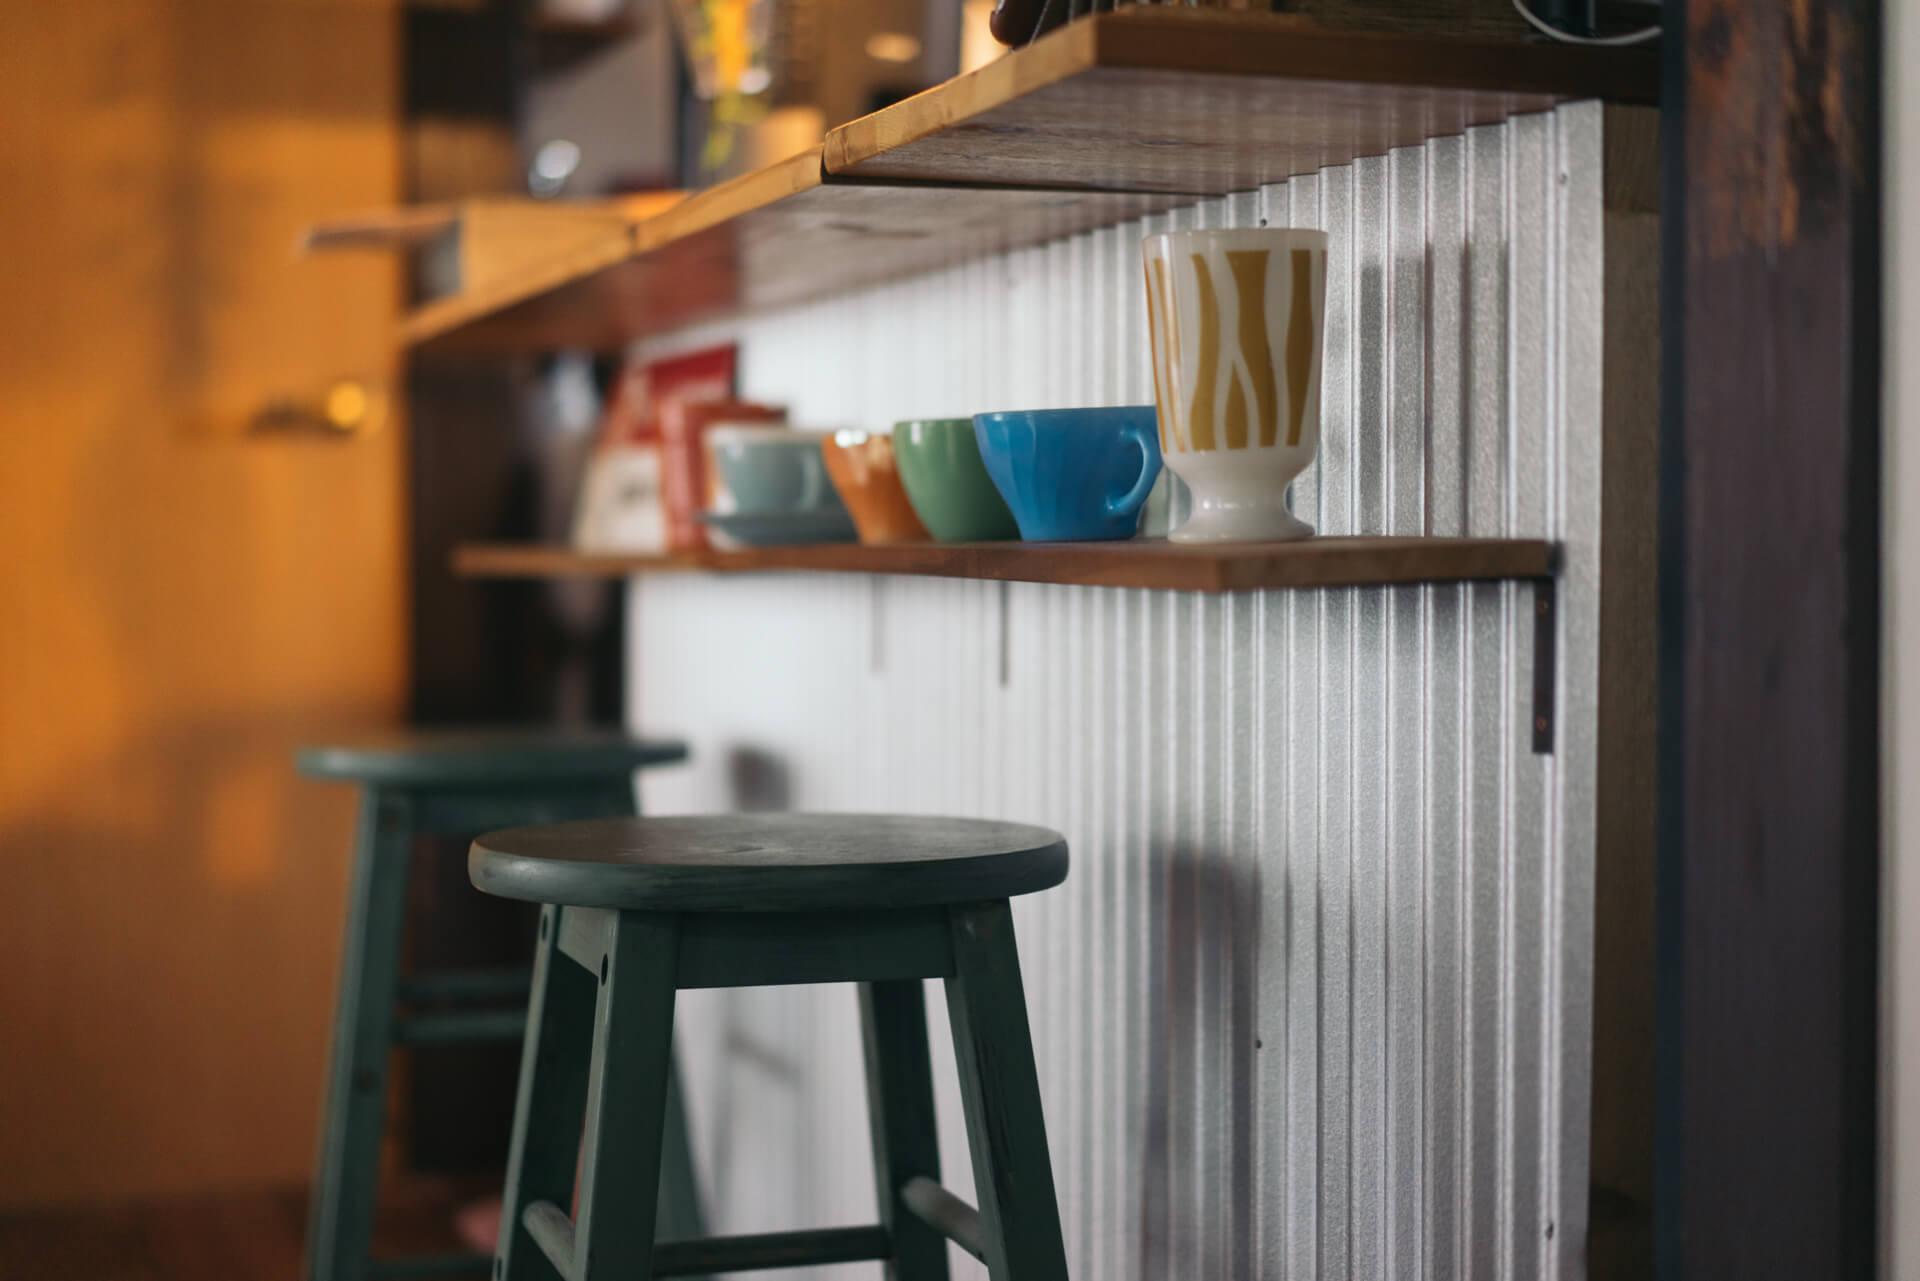 旦那さまのコレクションという、ファイヤーキングのカップを飾るための棚もちゃんと。